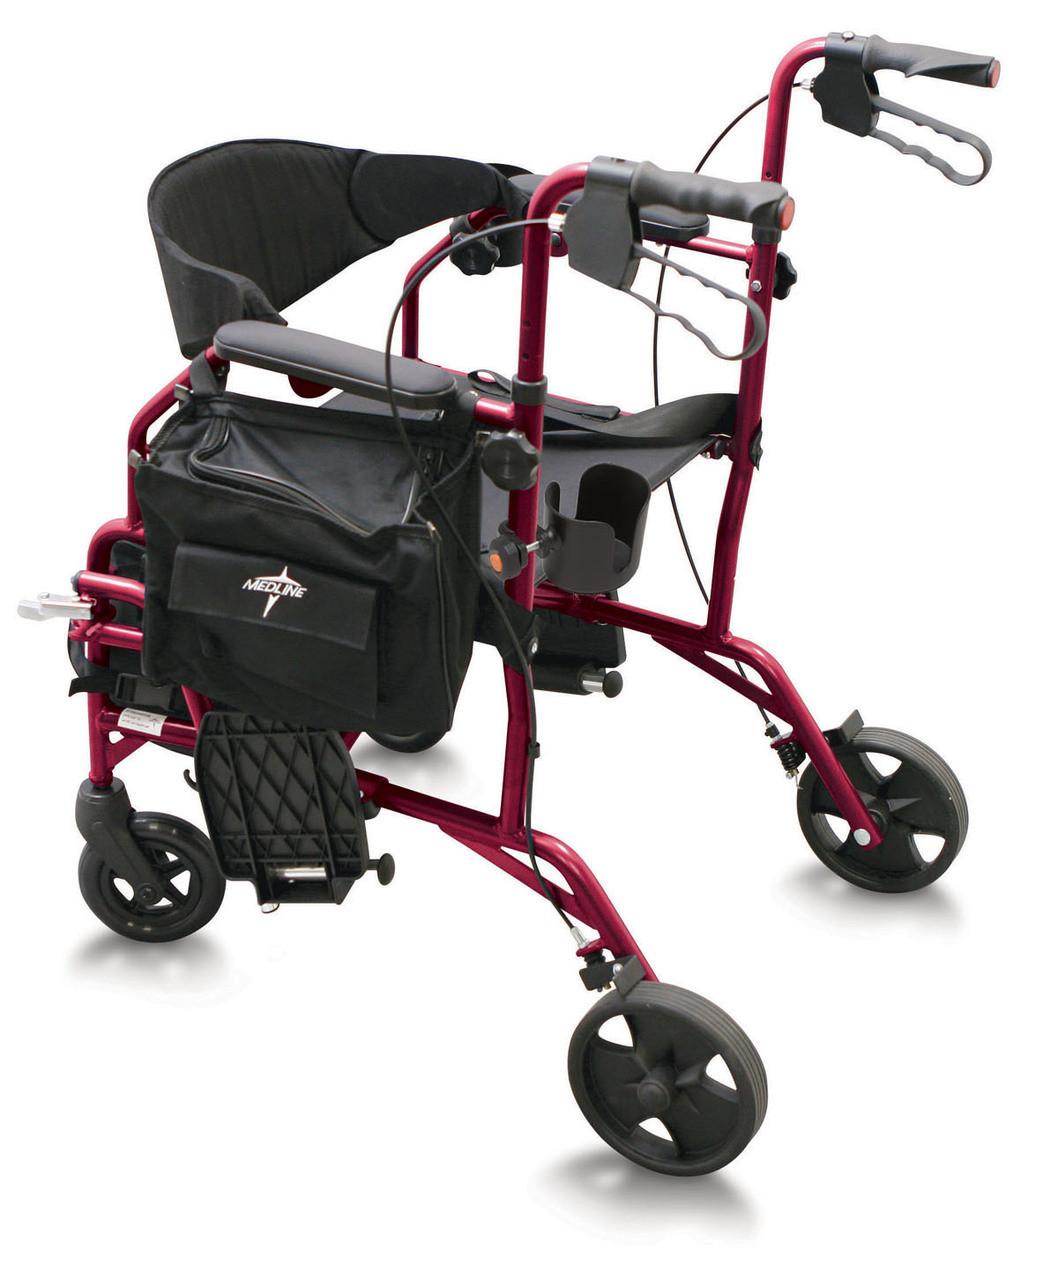 Medline Translator Rollator - Transport Chair Combo